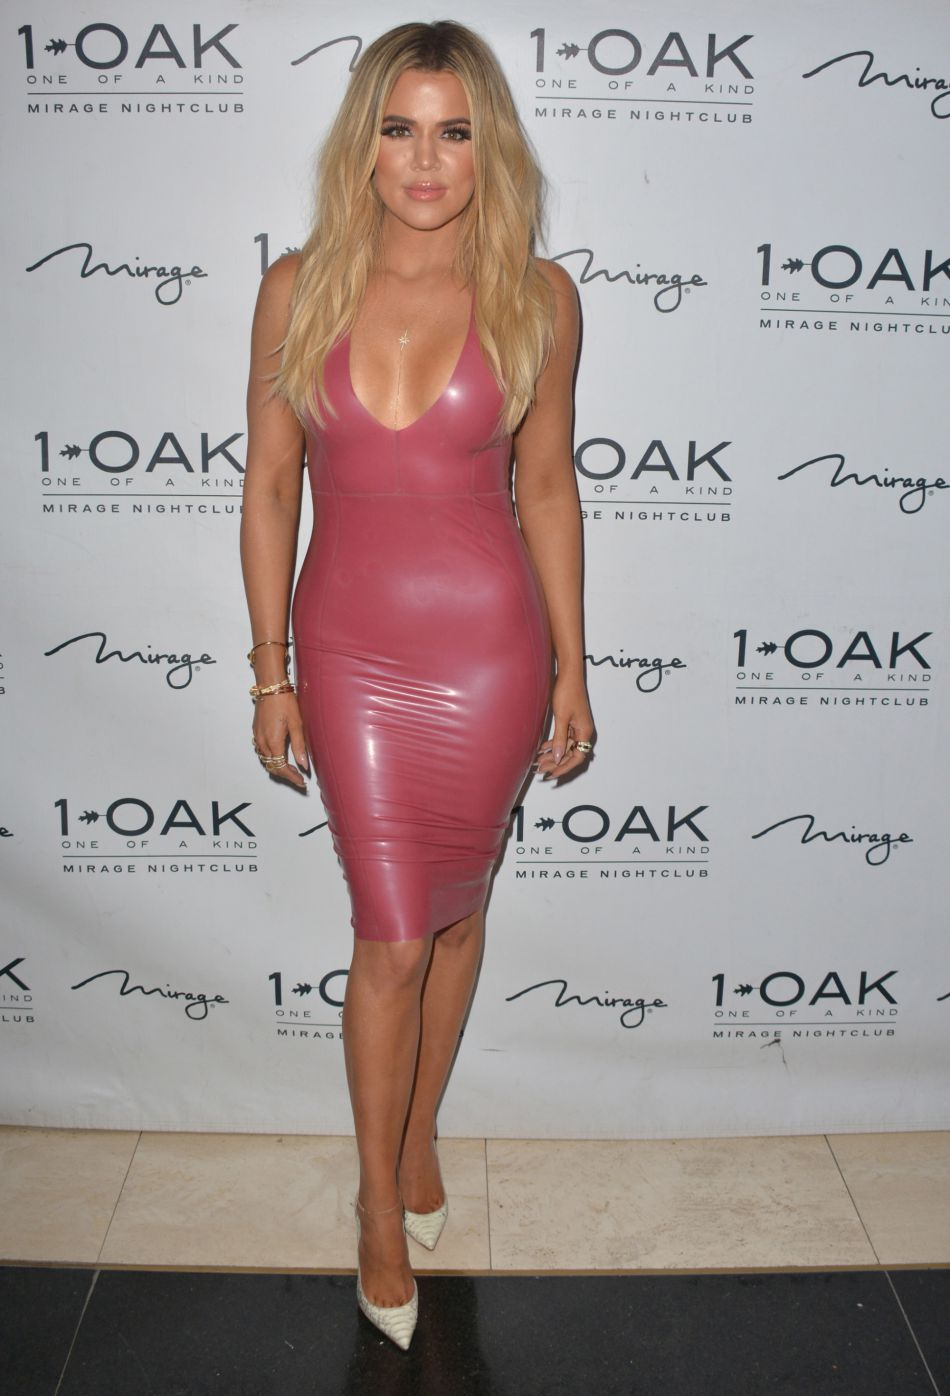 La transformation de Khloe Kardashian en a impressioné plus d'un.